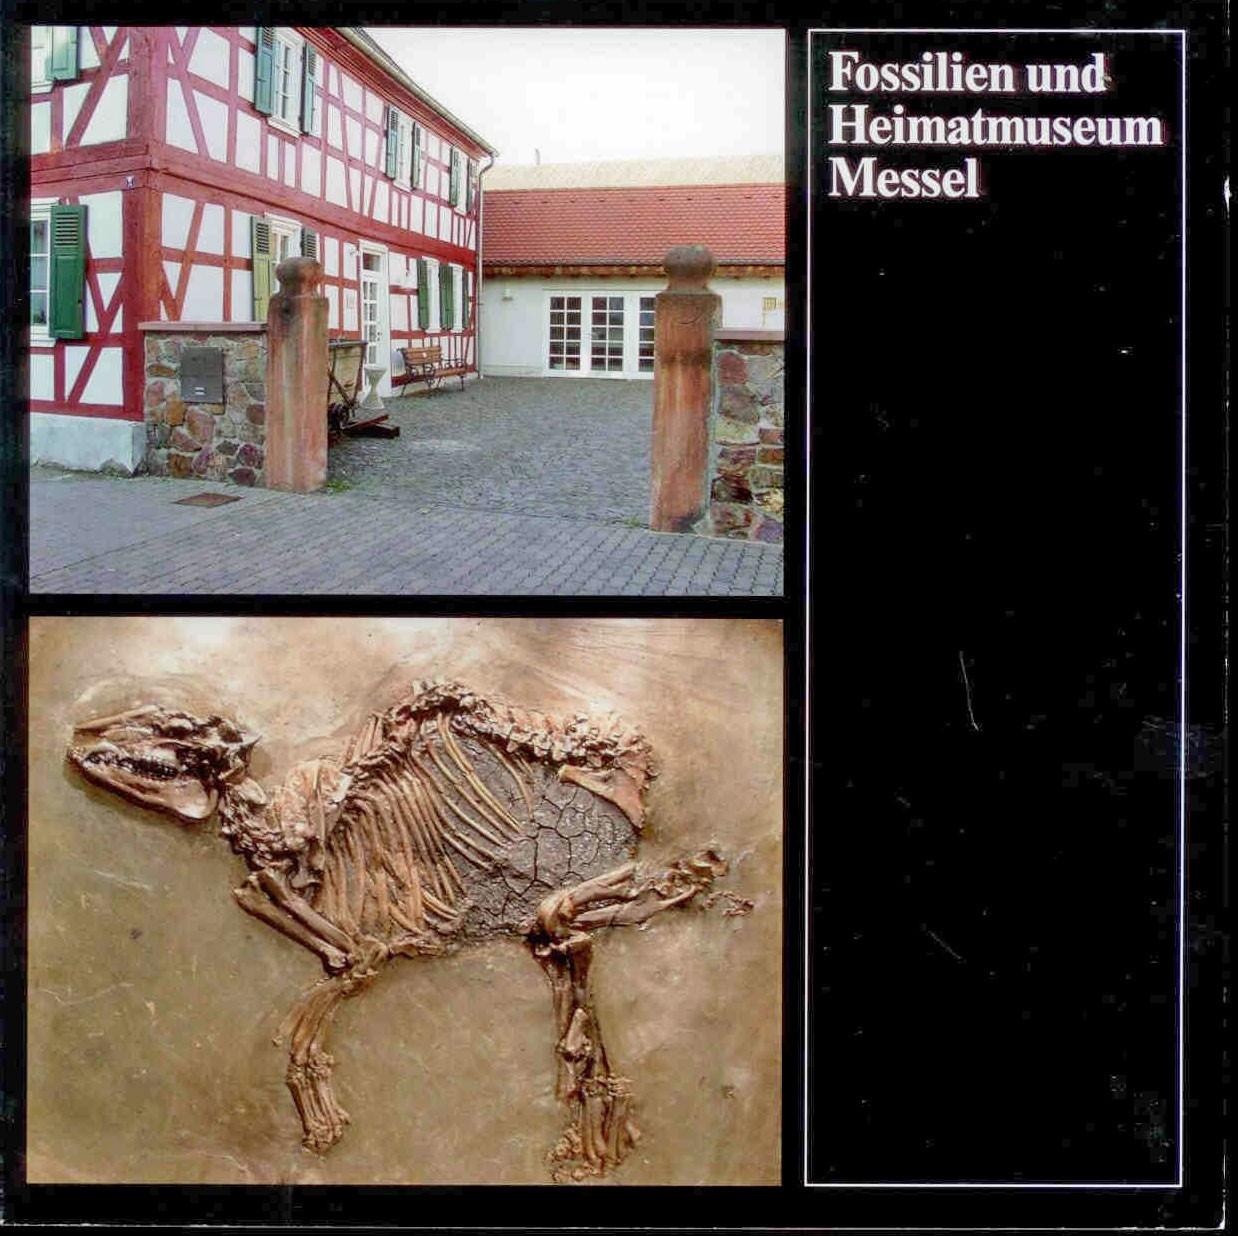 Höllwarth, M.: Fossilien und Heimatmuseum Messel